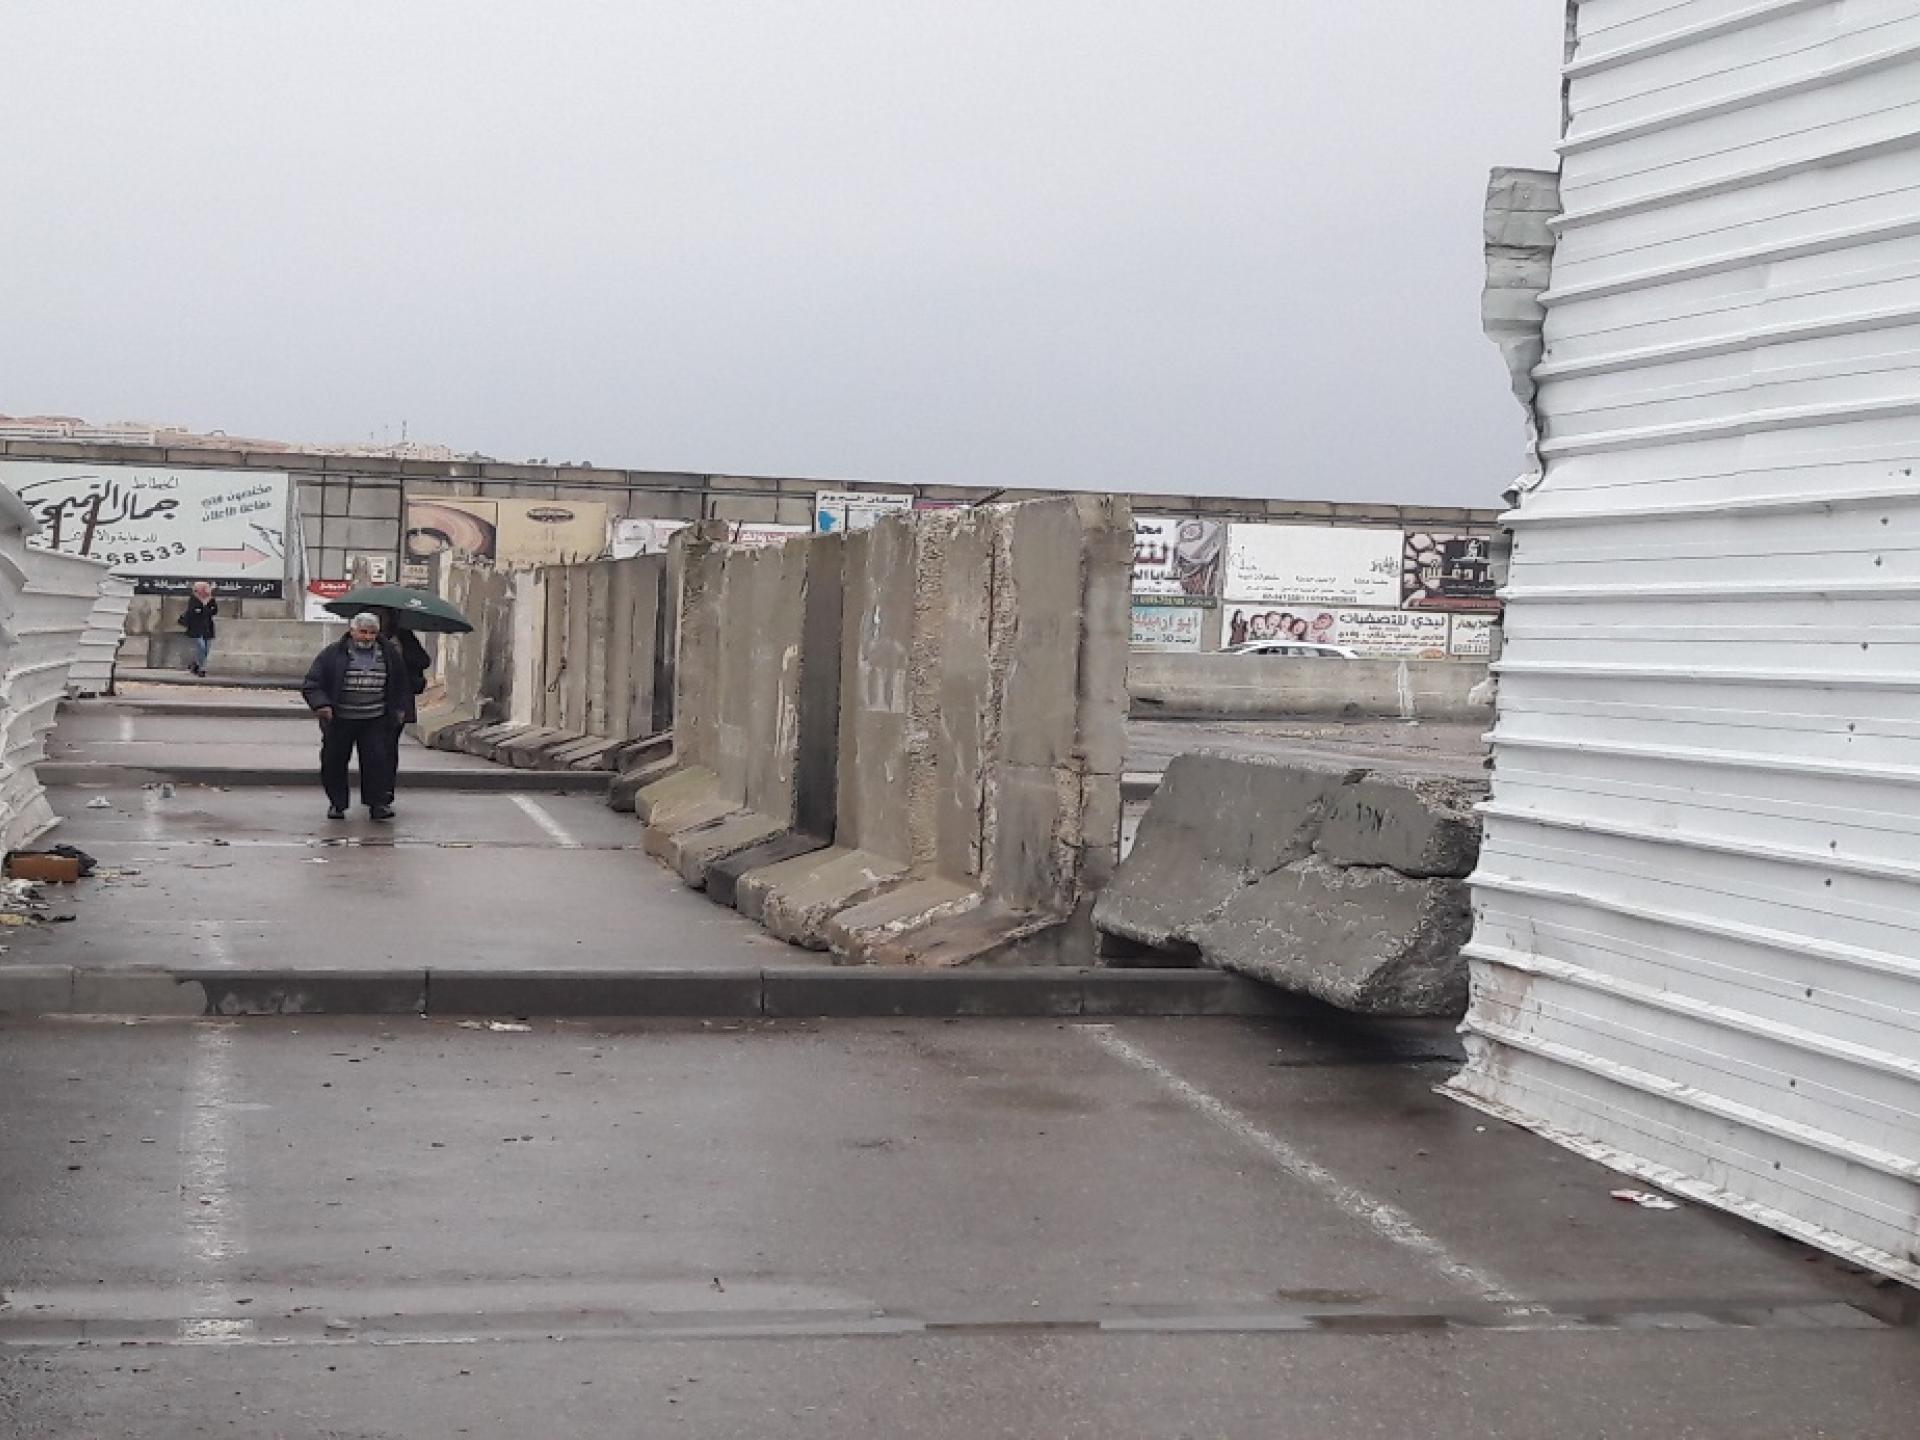 גדר הבטונדות במבט מהמחסום לכביש